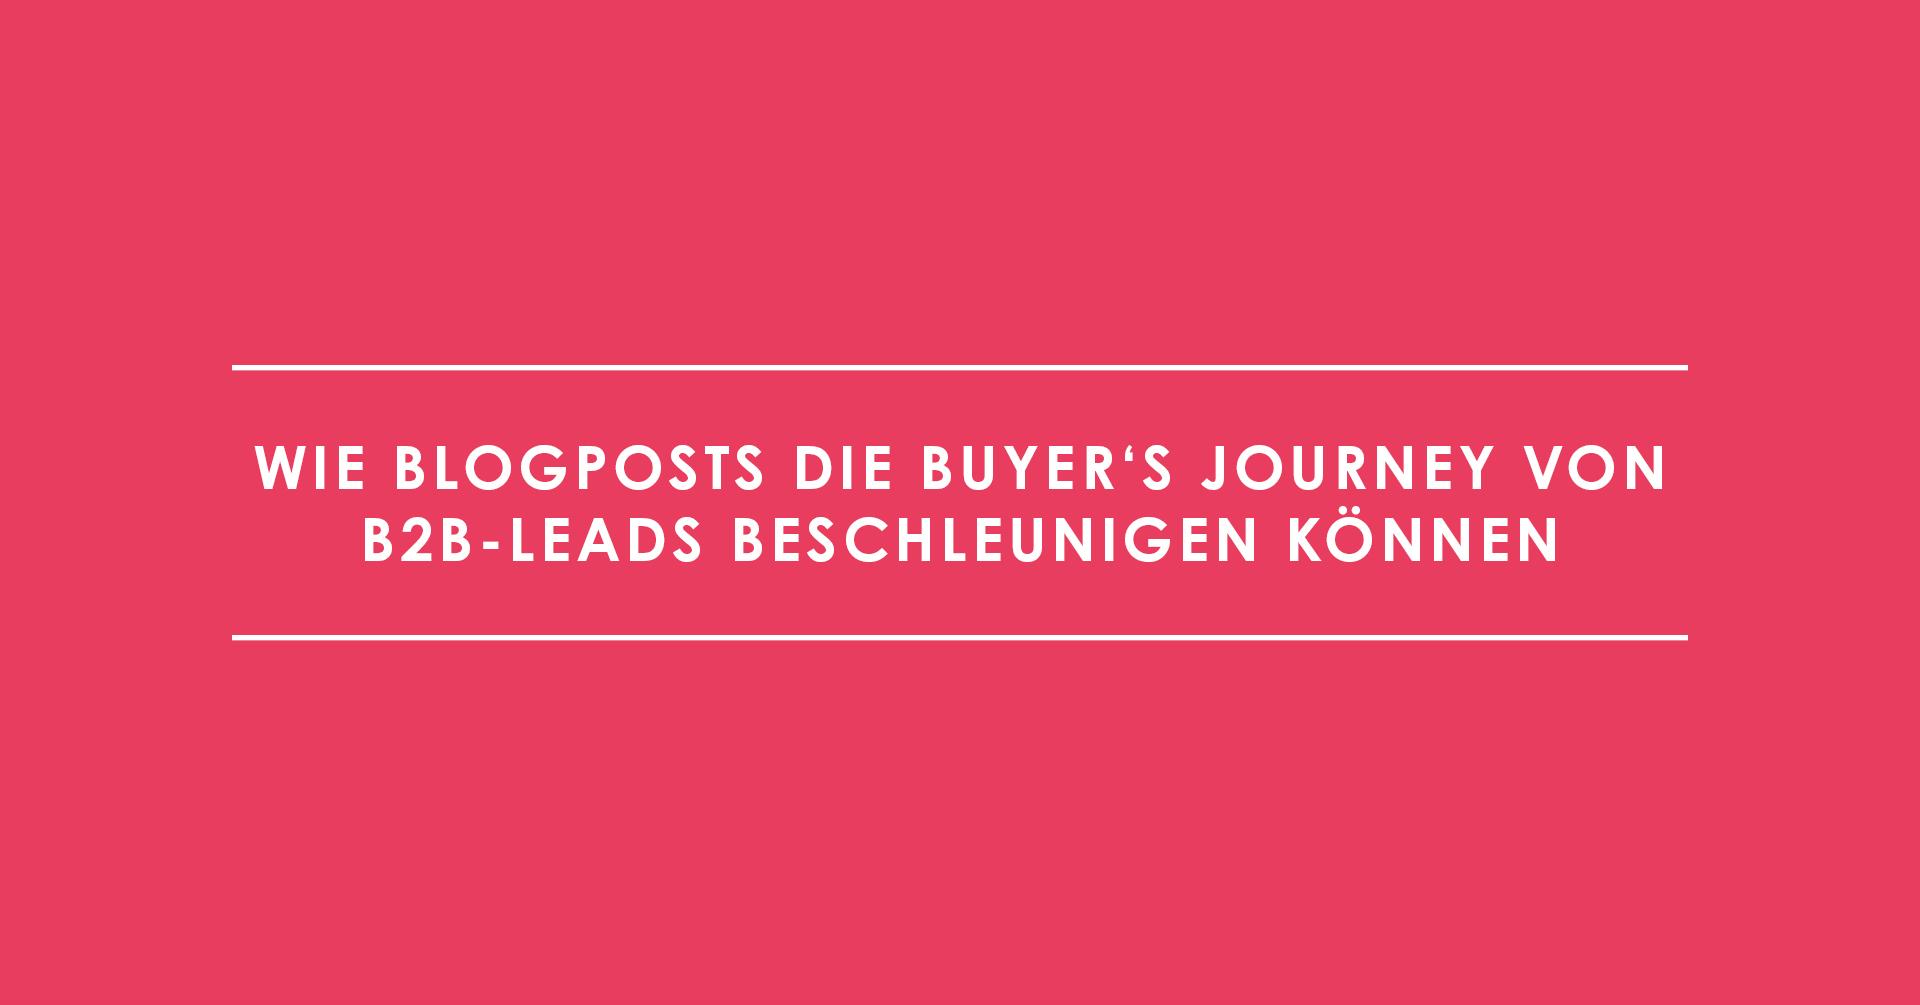 Wie Blogposts die Buyer's Journey von B2B-Leads beschleunigen können